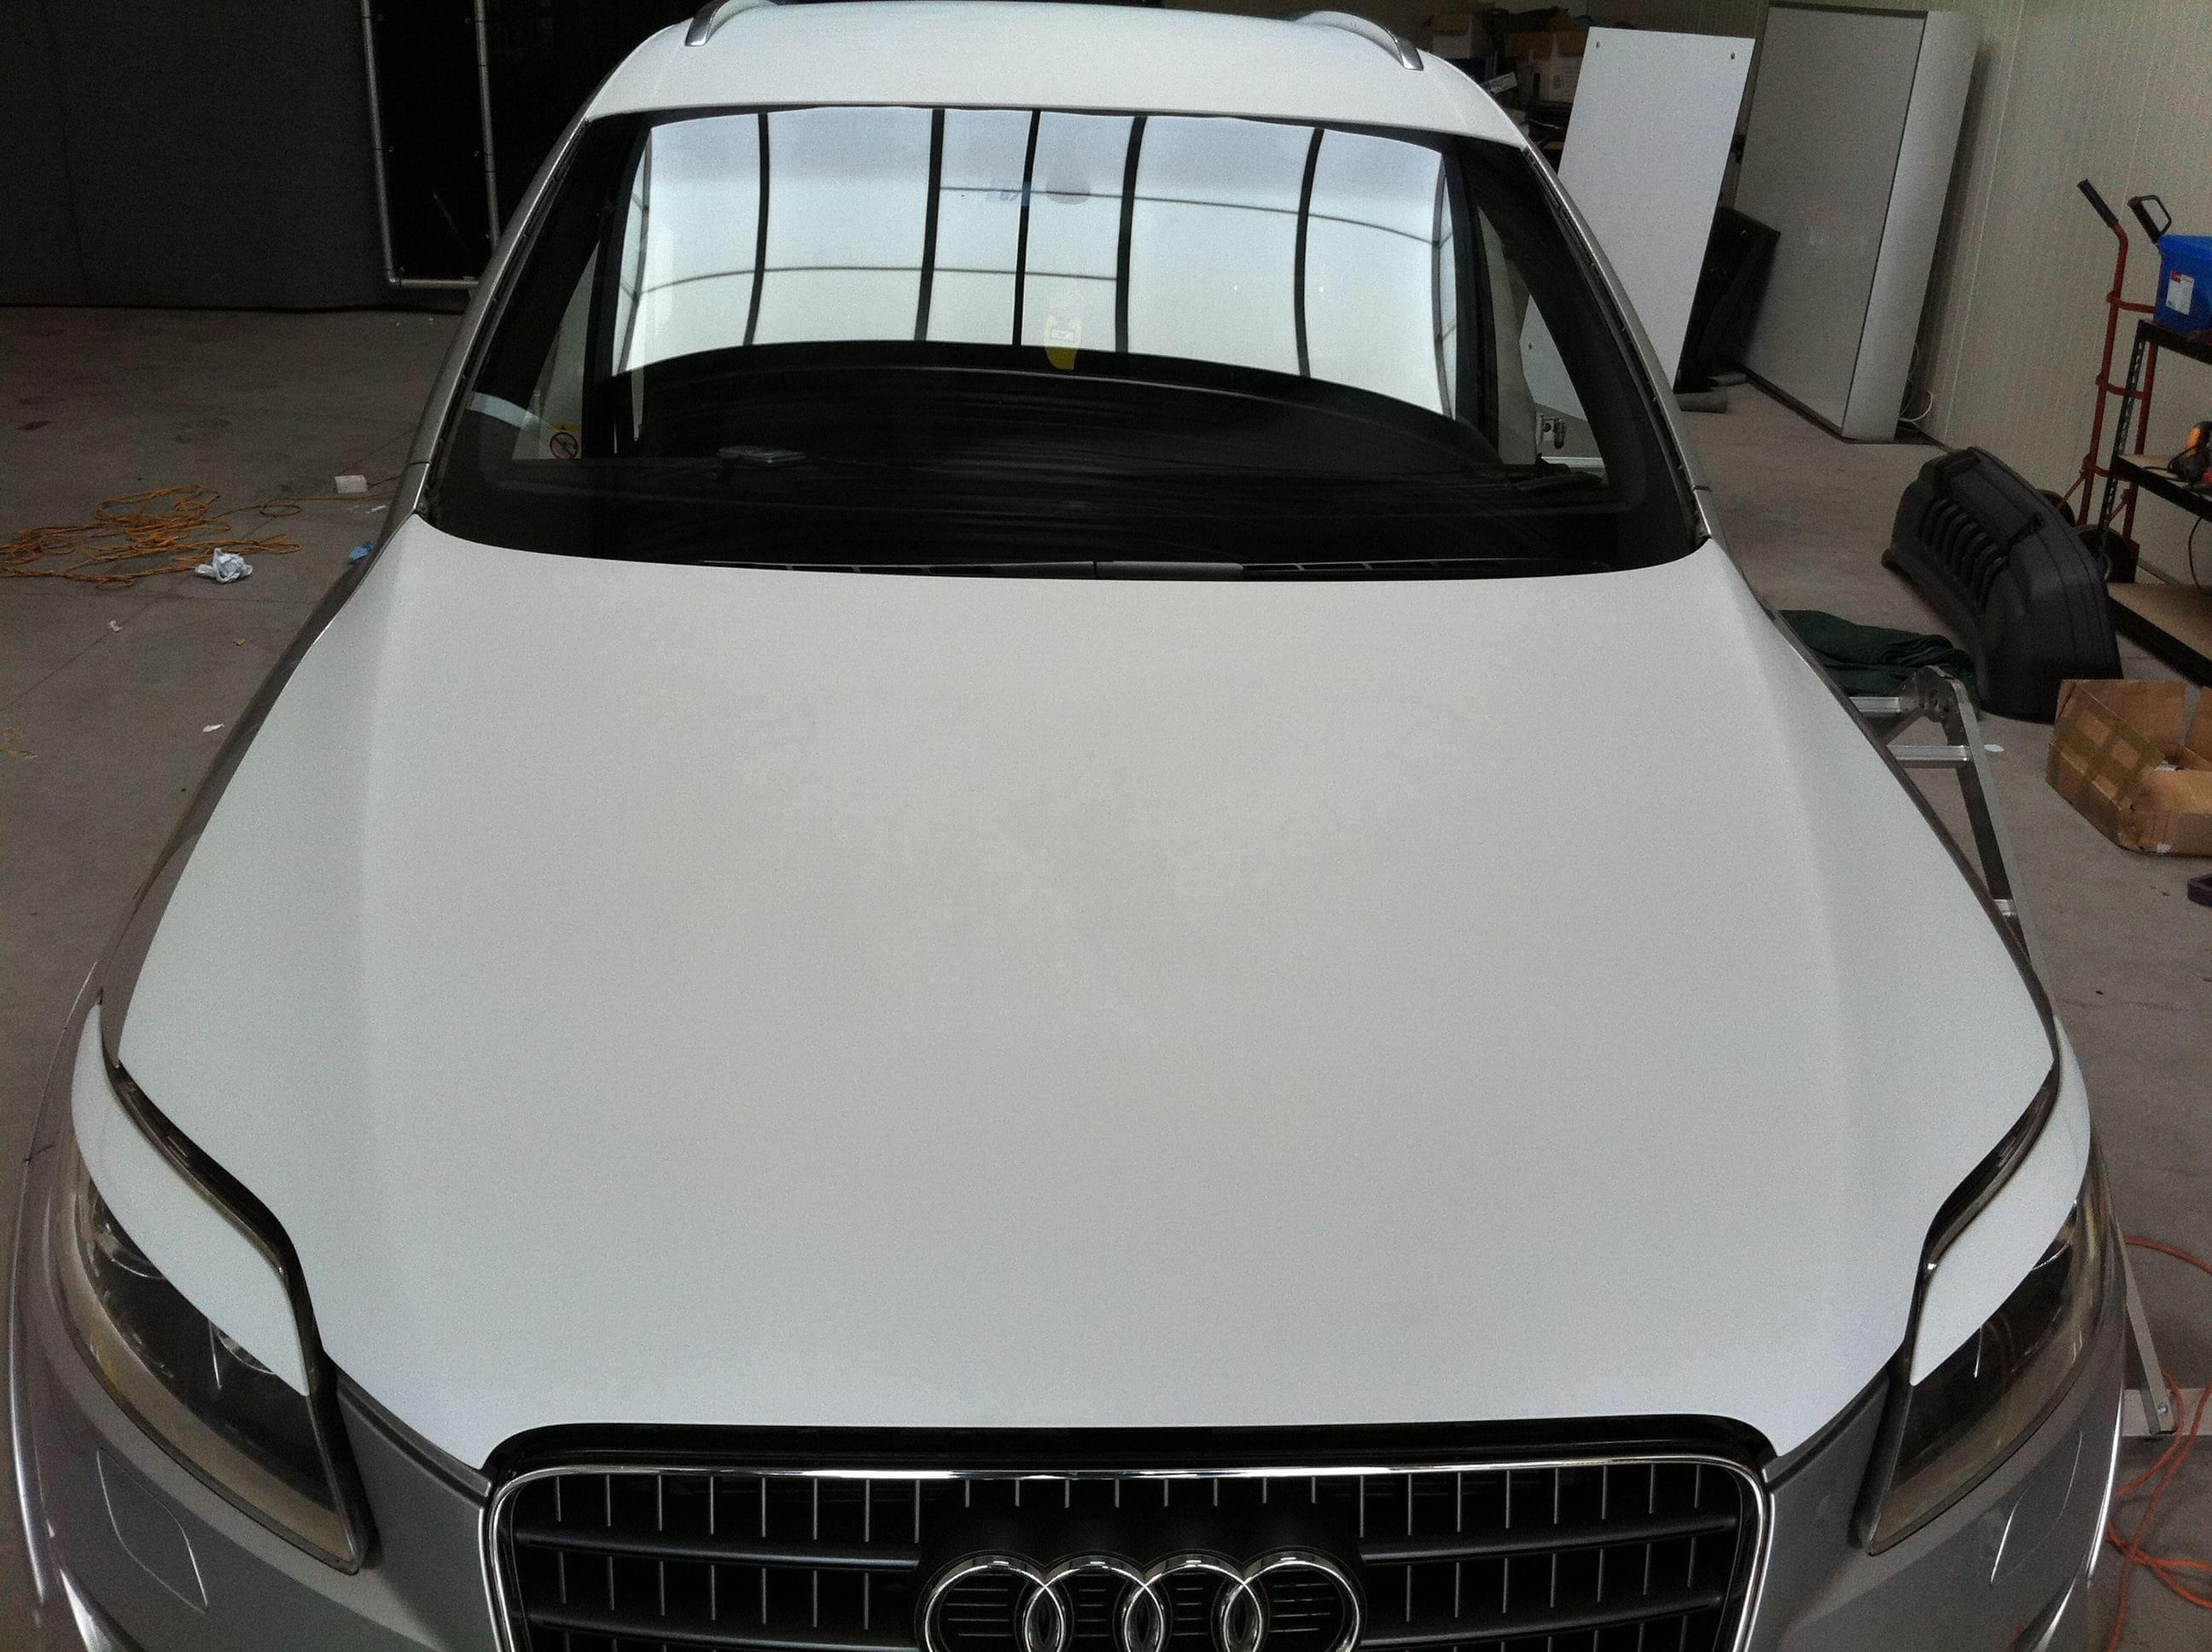 Audi Q7 met Mat Witte Wrap, Carwrapping door Wrapmyride.nu Foto-nr:4919, ©2021